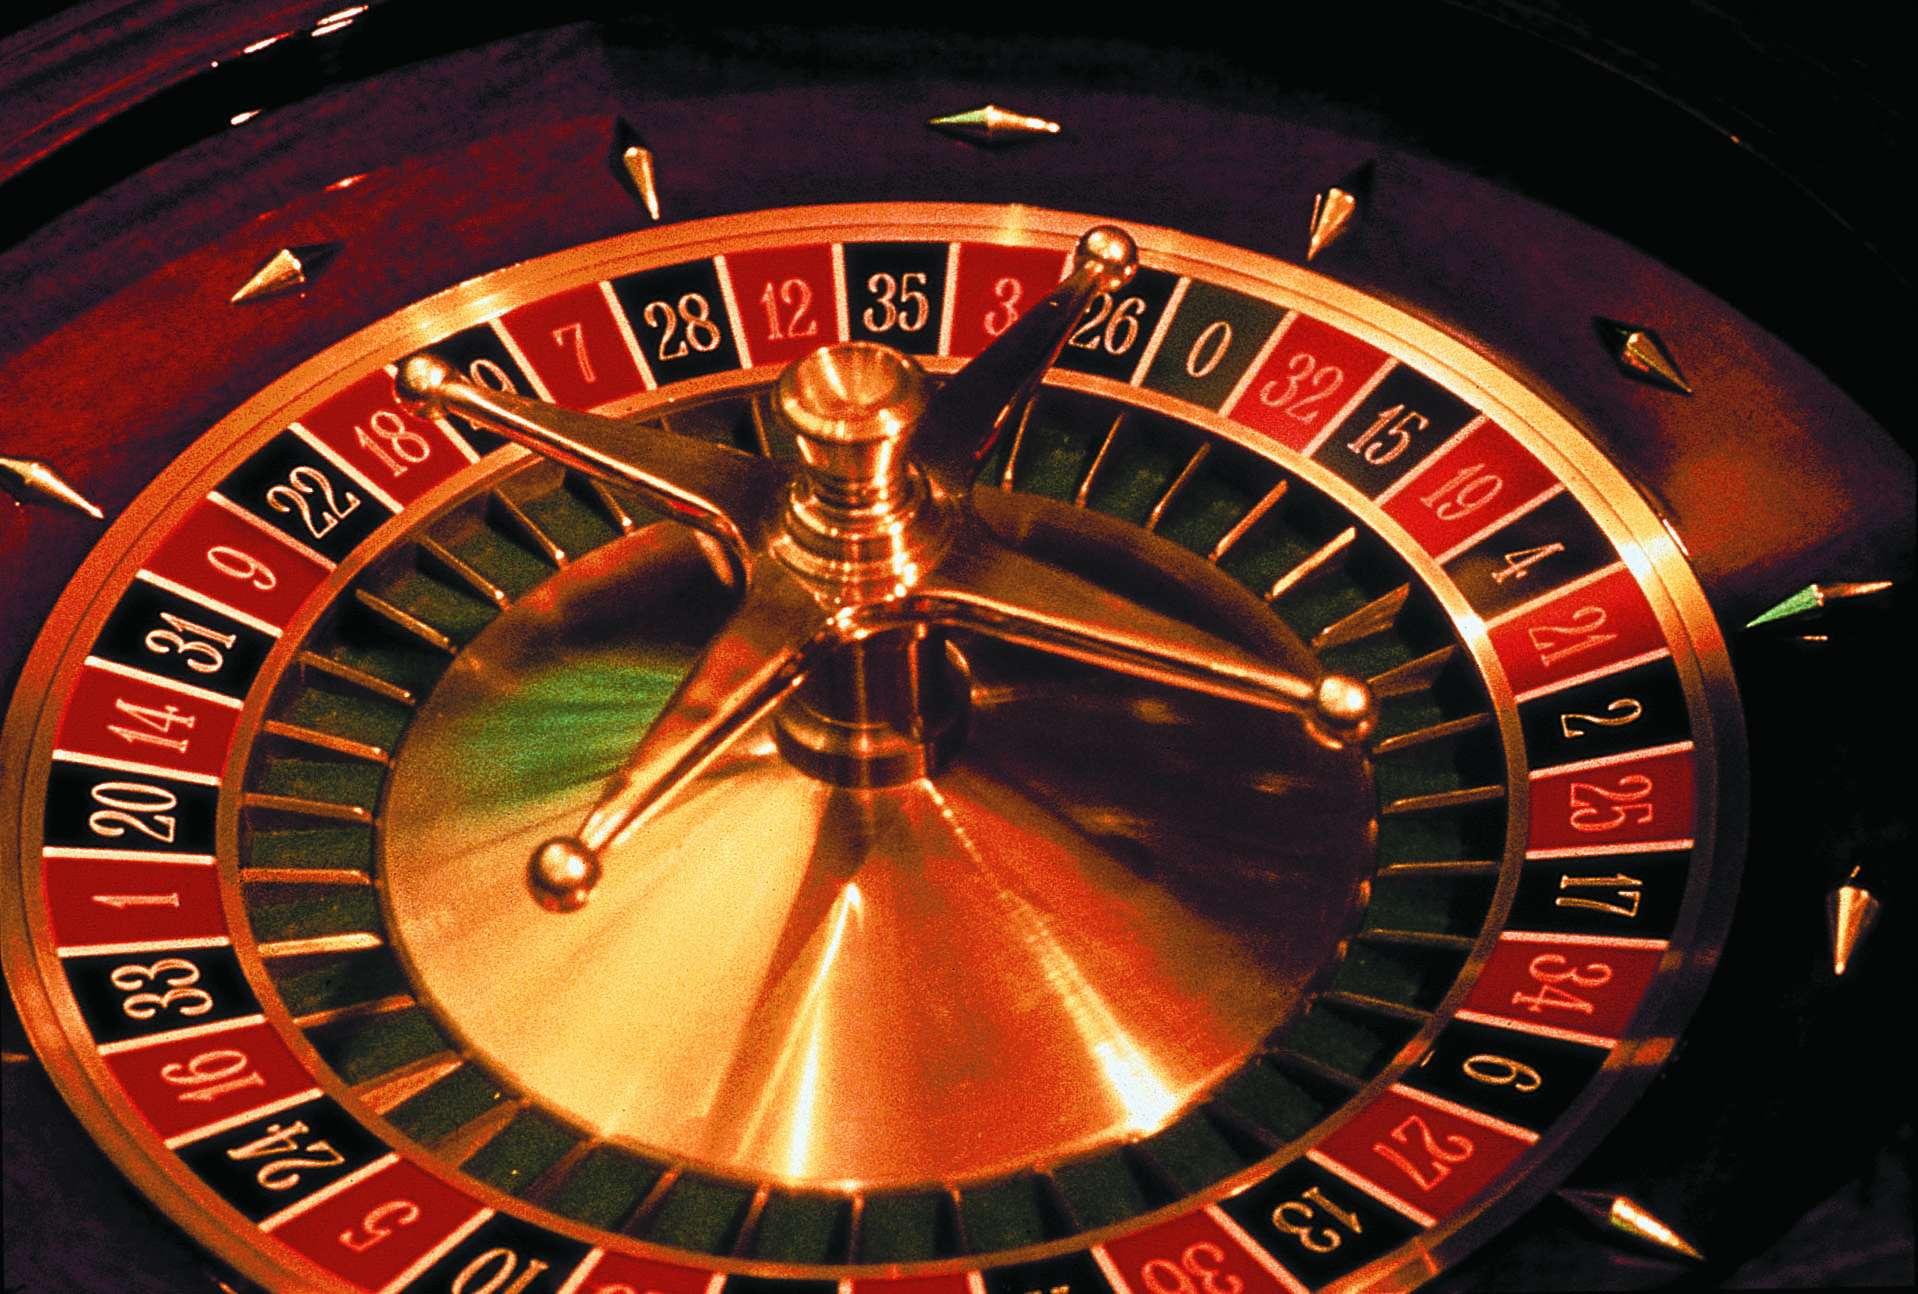 Jeux casino: comment s'y livrer correctement?